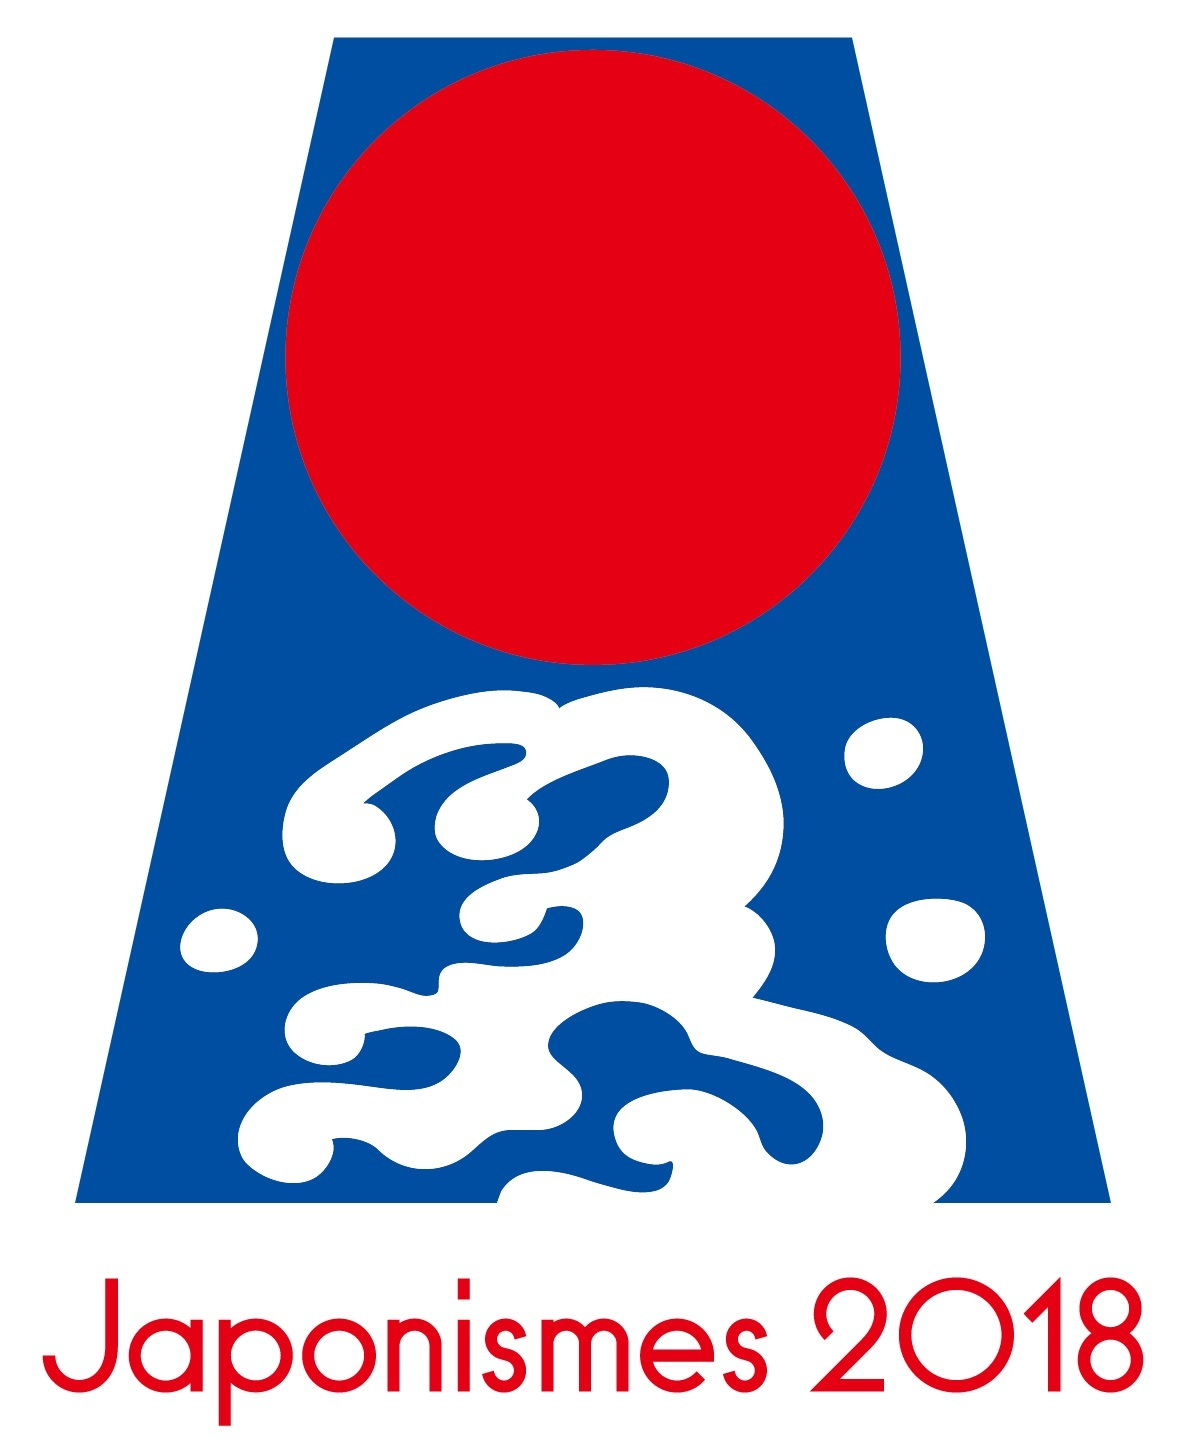 ジャポニスム2018 シンボルマーク